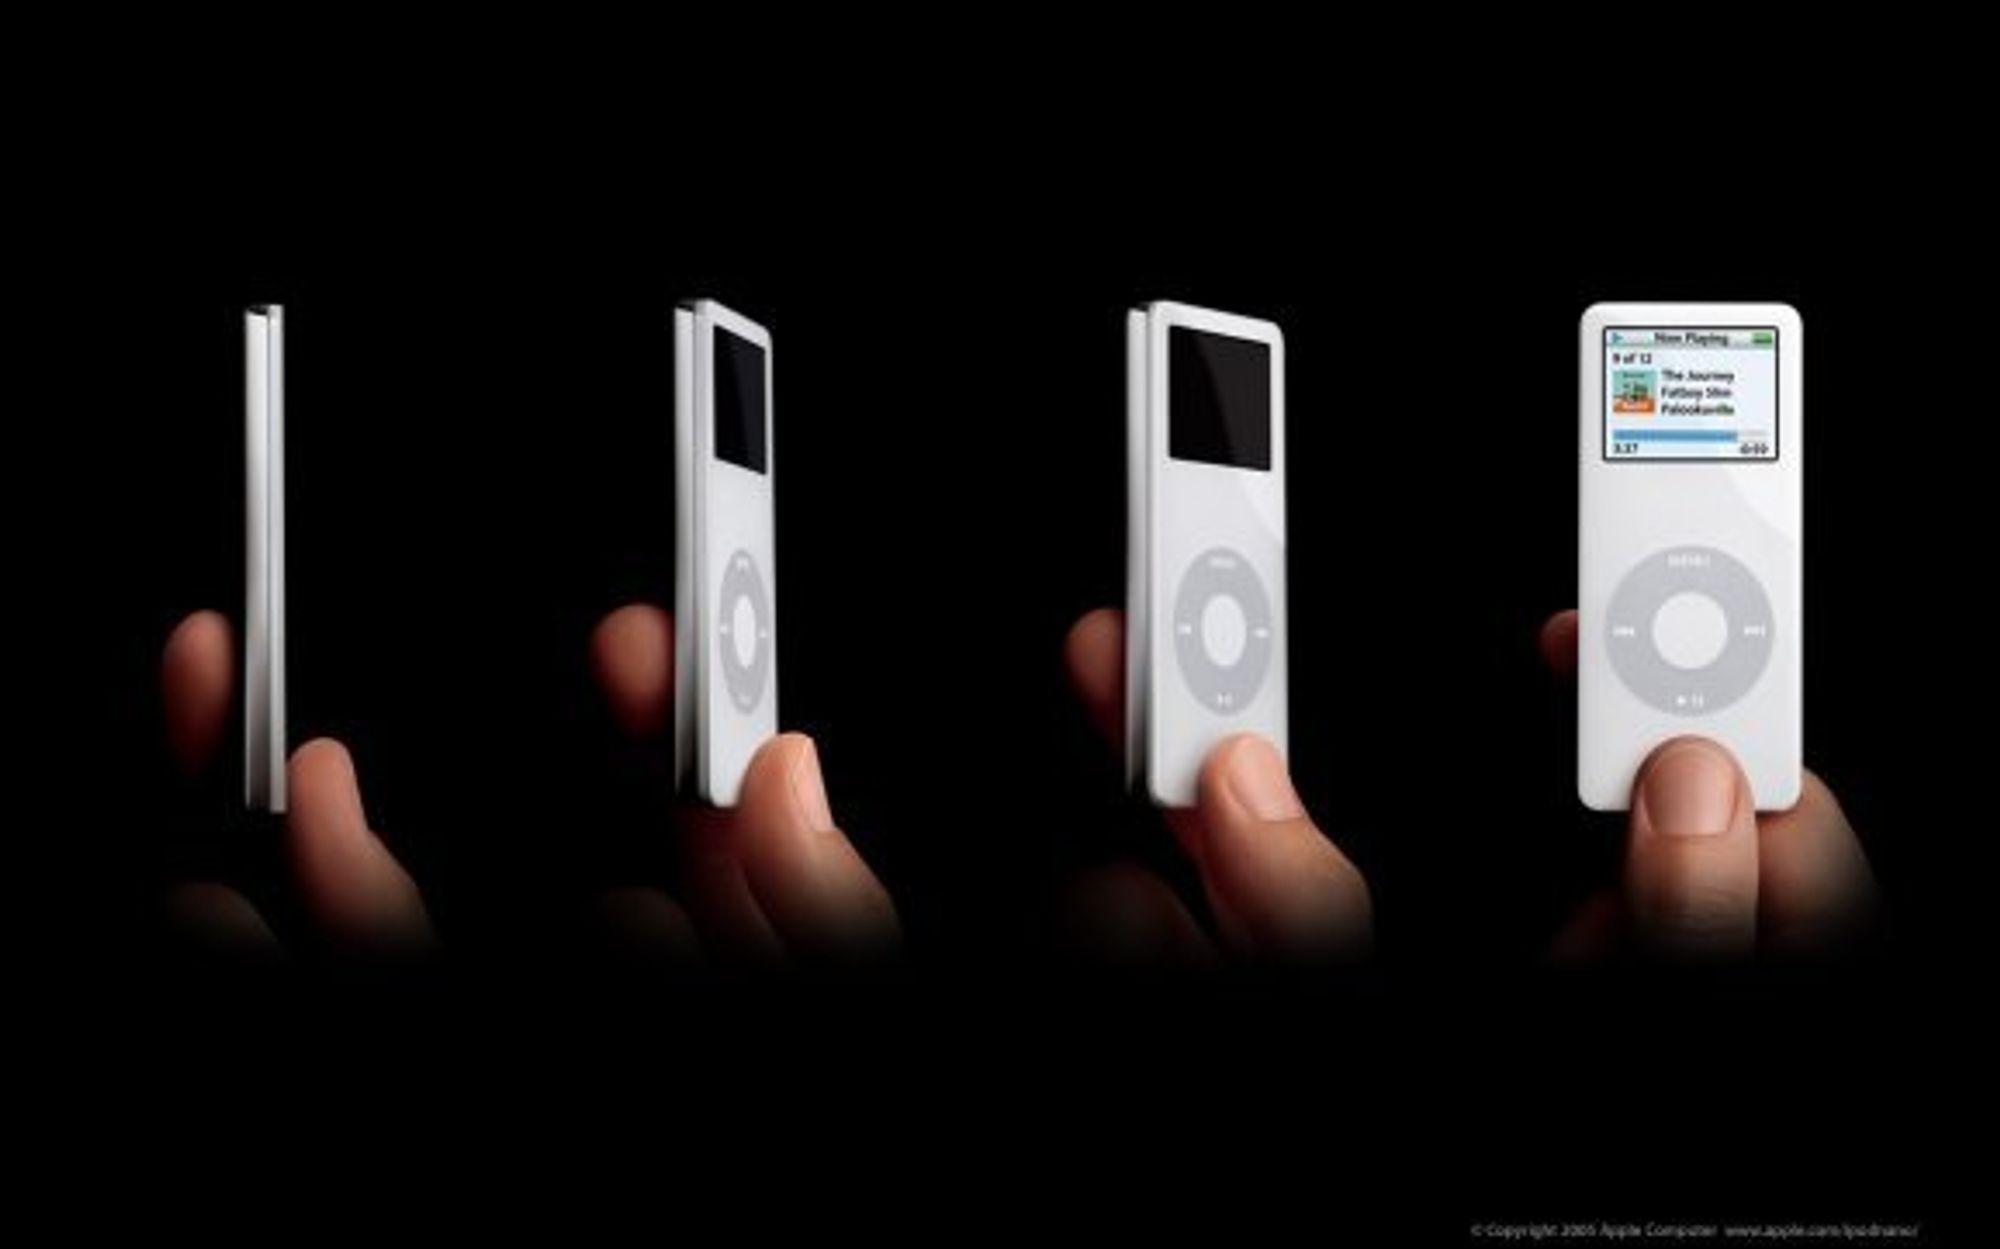 iPod Nano: Liten og lekker, men stor nok til å bli virusinfisert.